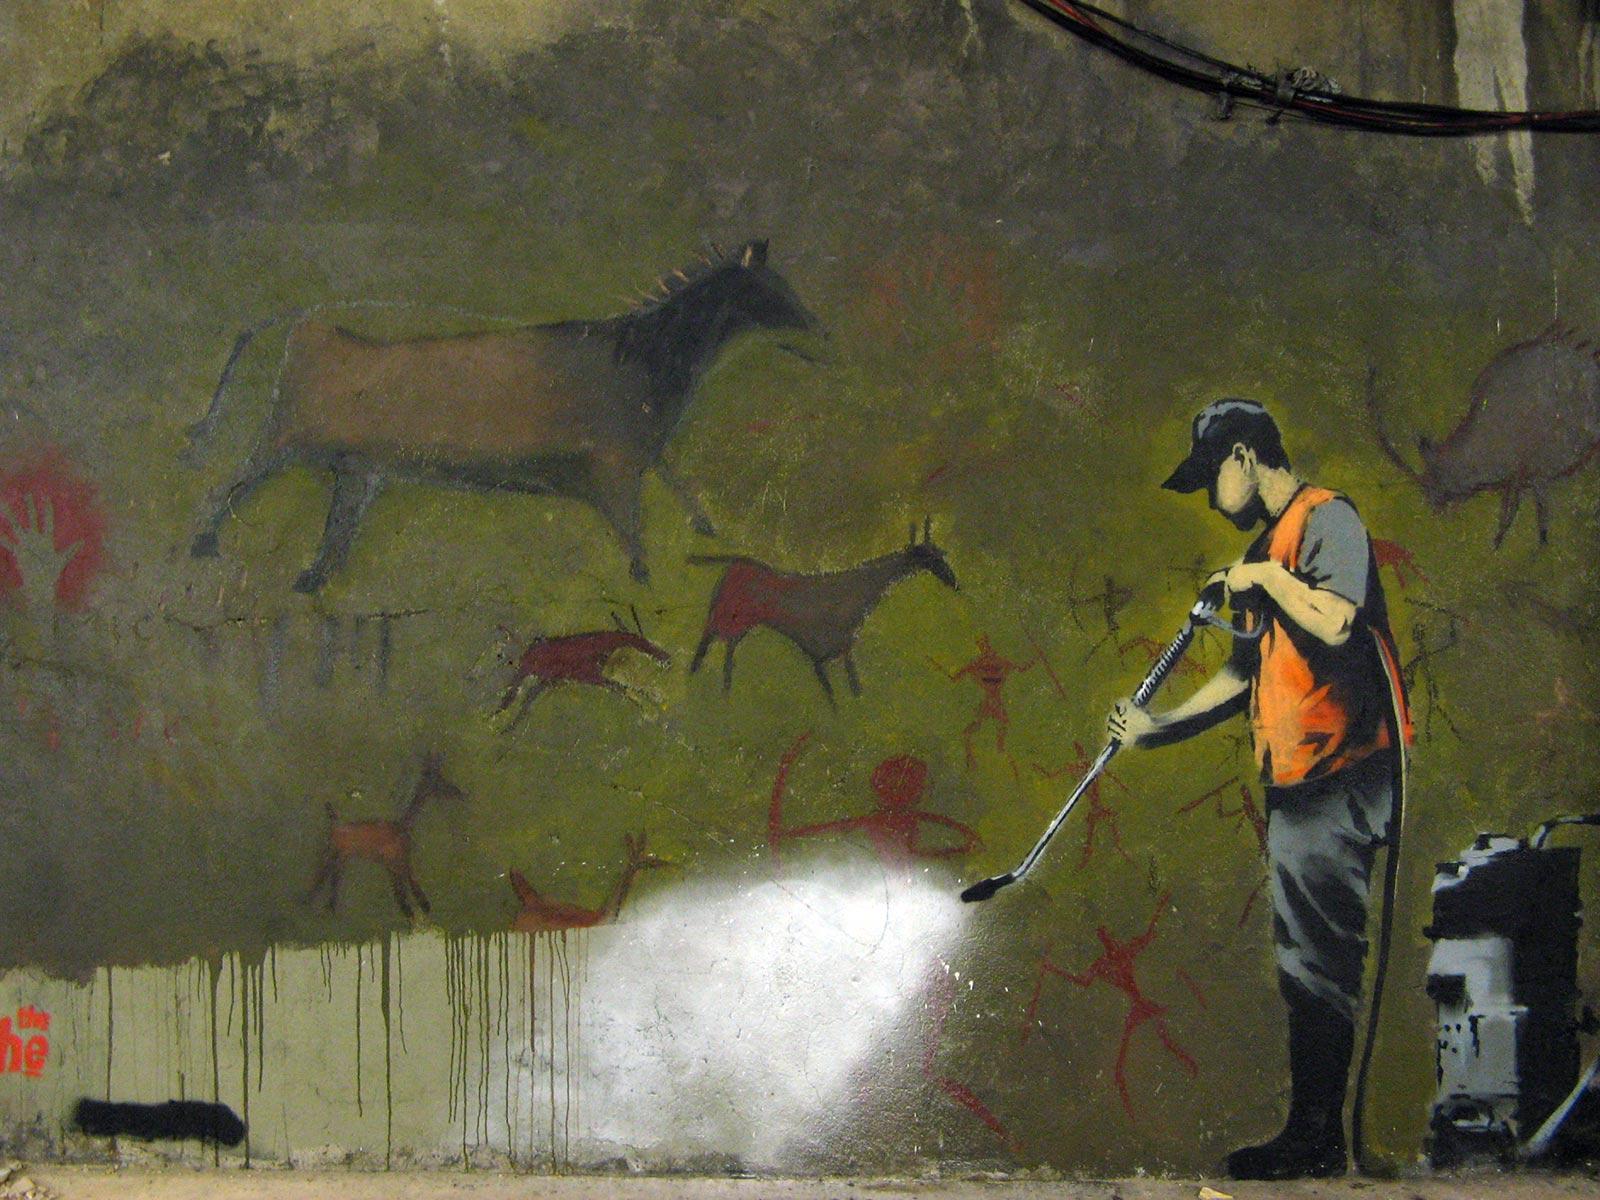 http://2.bp.blogspot.com/-GcIELBUZ0gA/TvsCle98AYI/AAAAAAAABz8/ah27JrYVveo/s1600/20-cave-graffiti-banksy.jpg